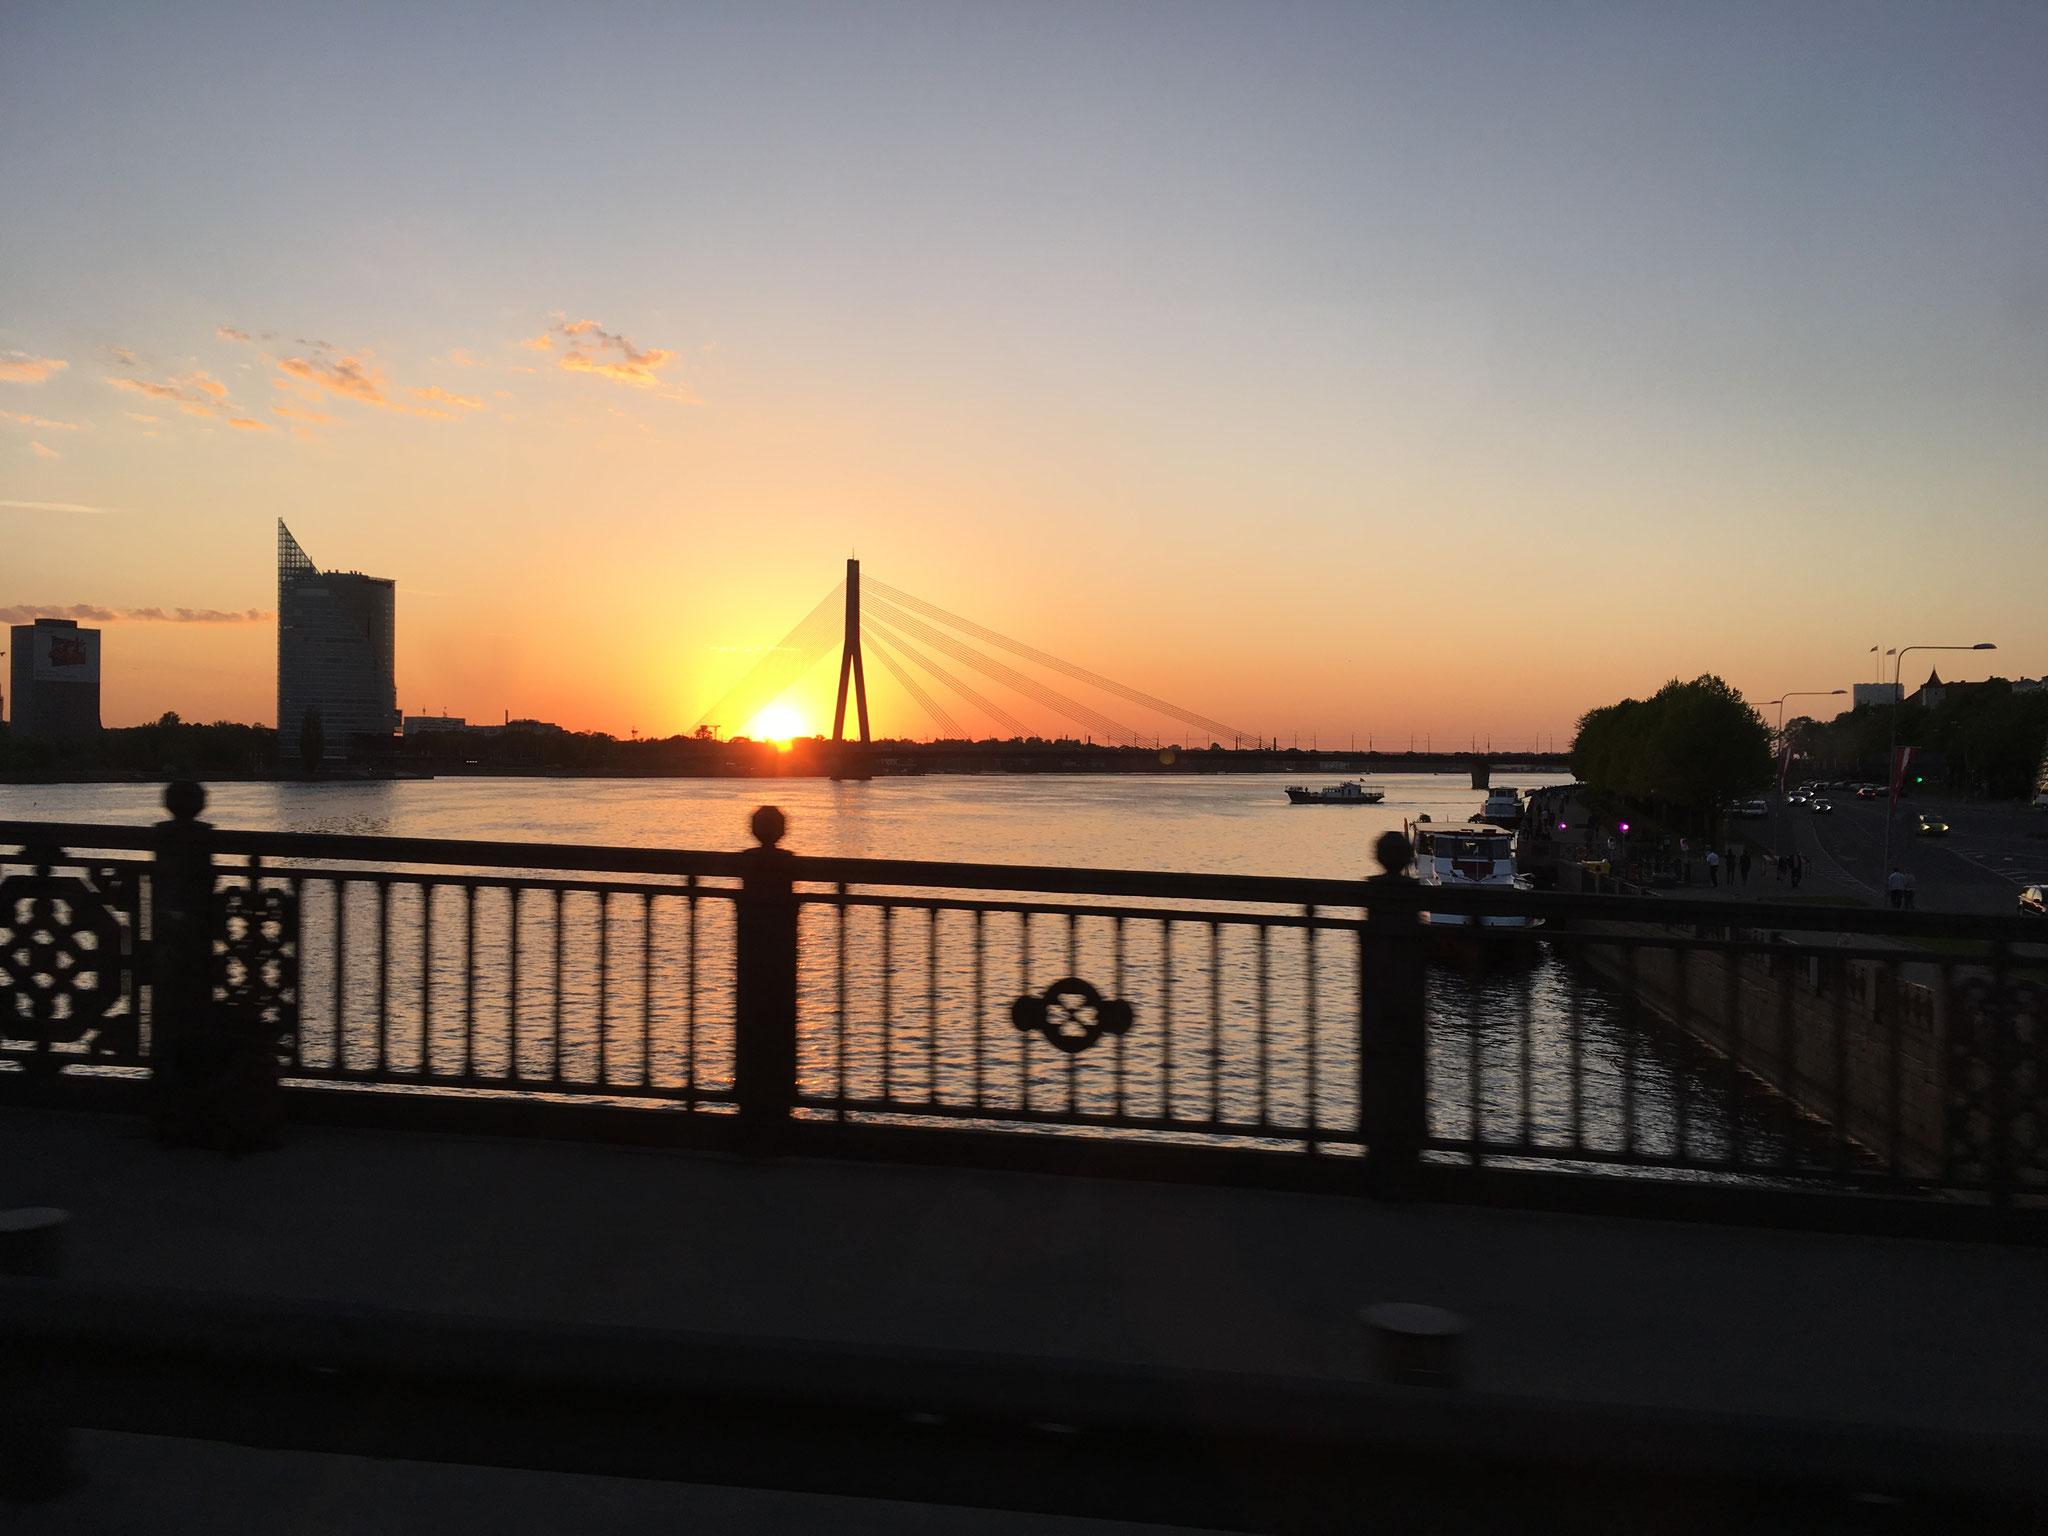 Sonnenuntergang am Fluss Daugava